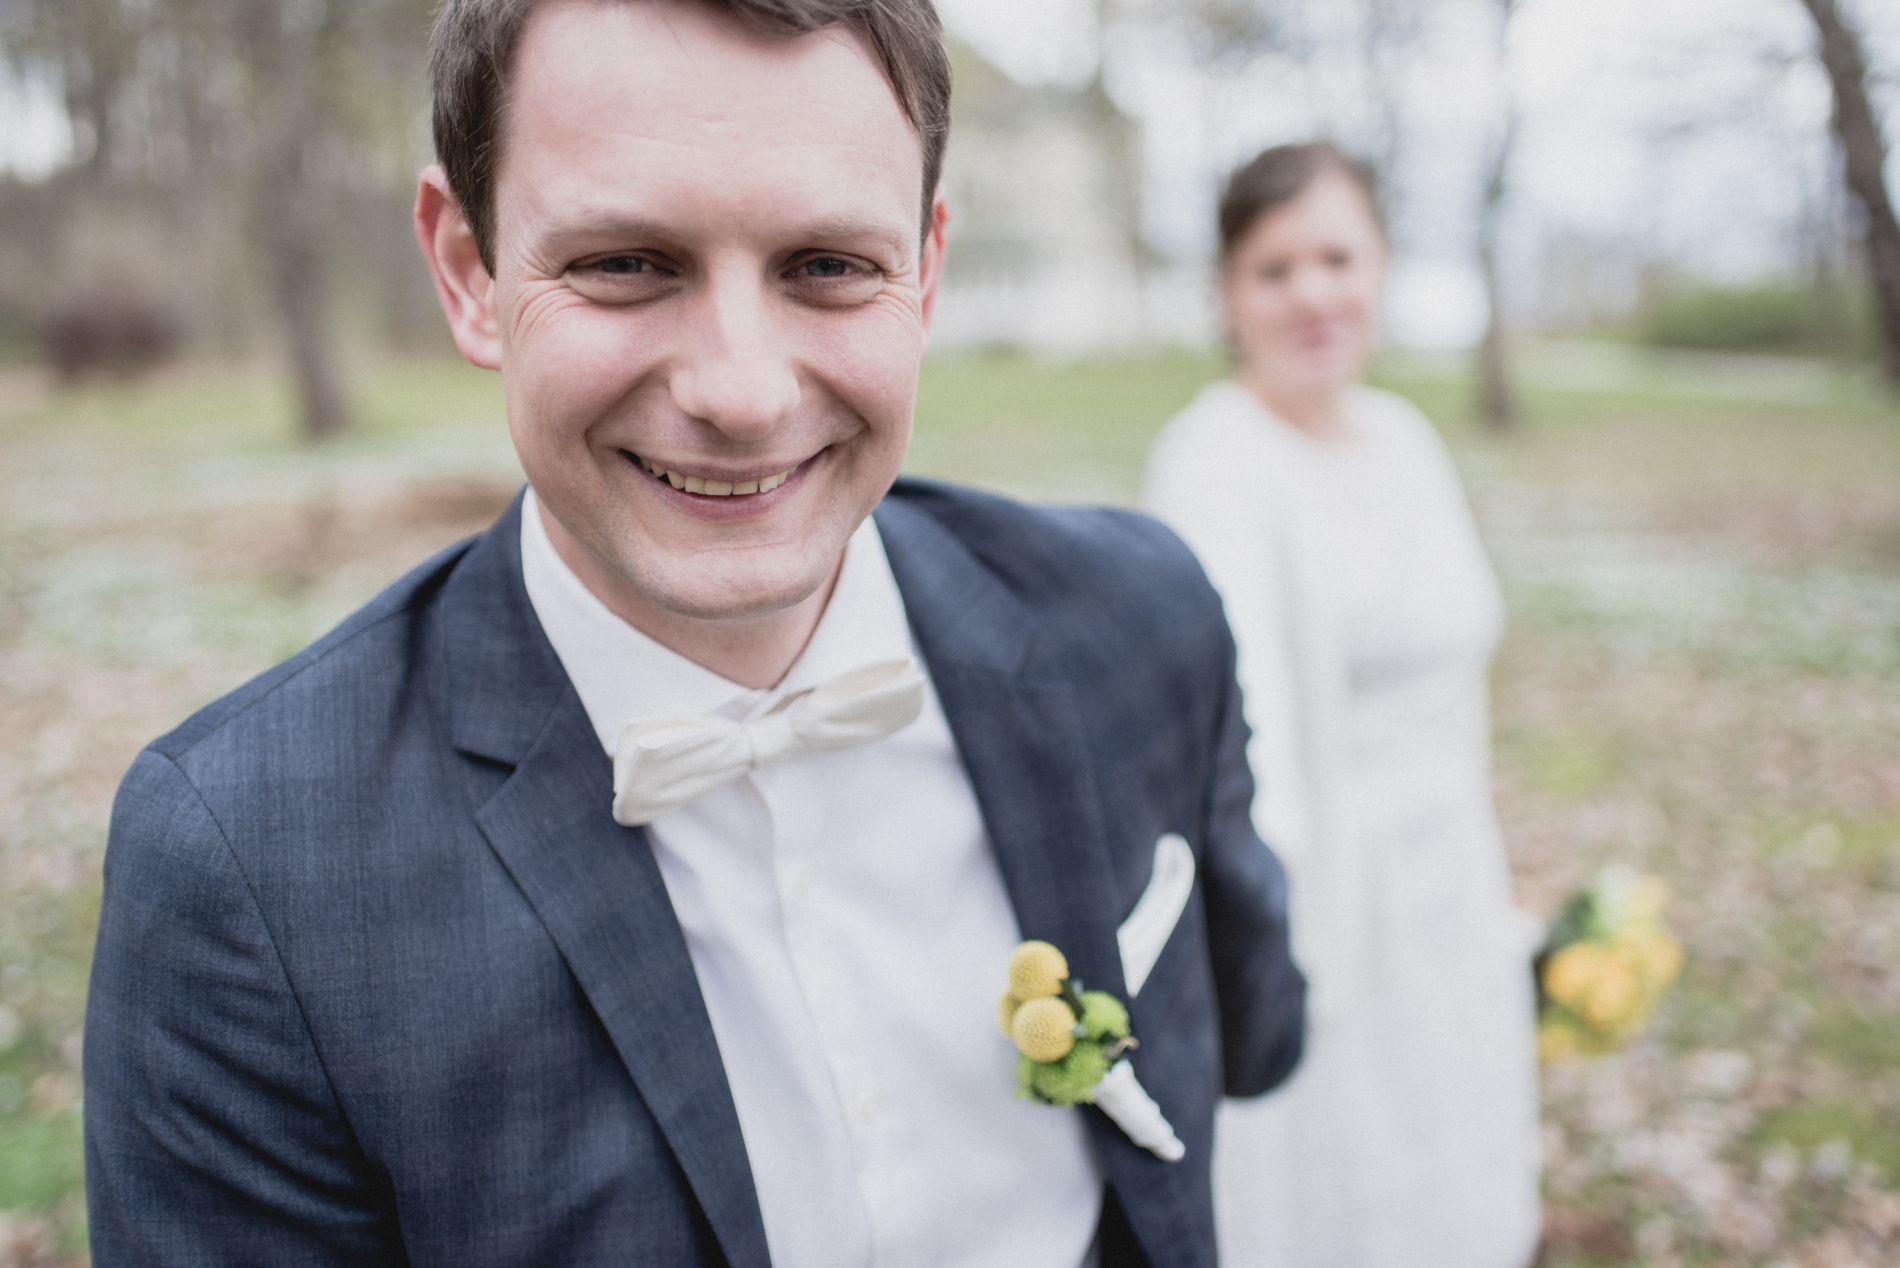 Hochzeit Grand Hotel Heiligendamm Paarfotos